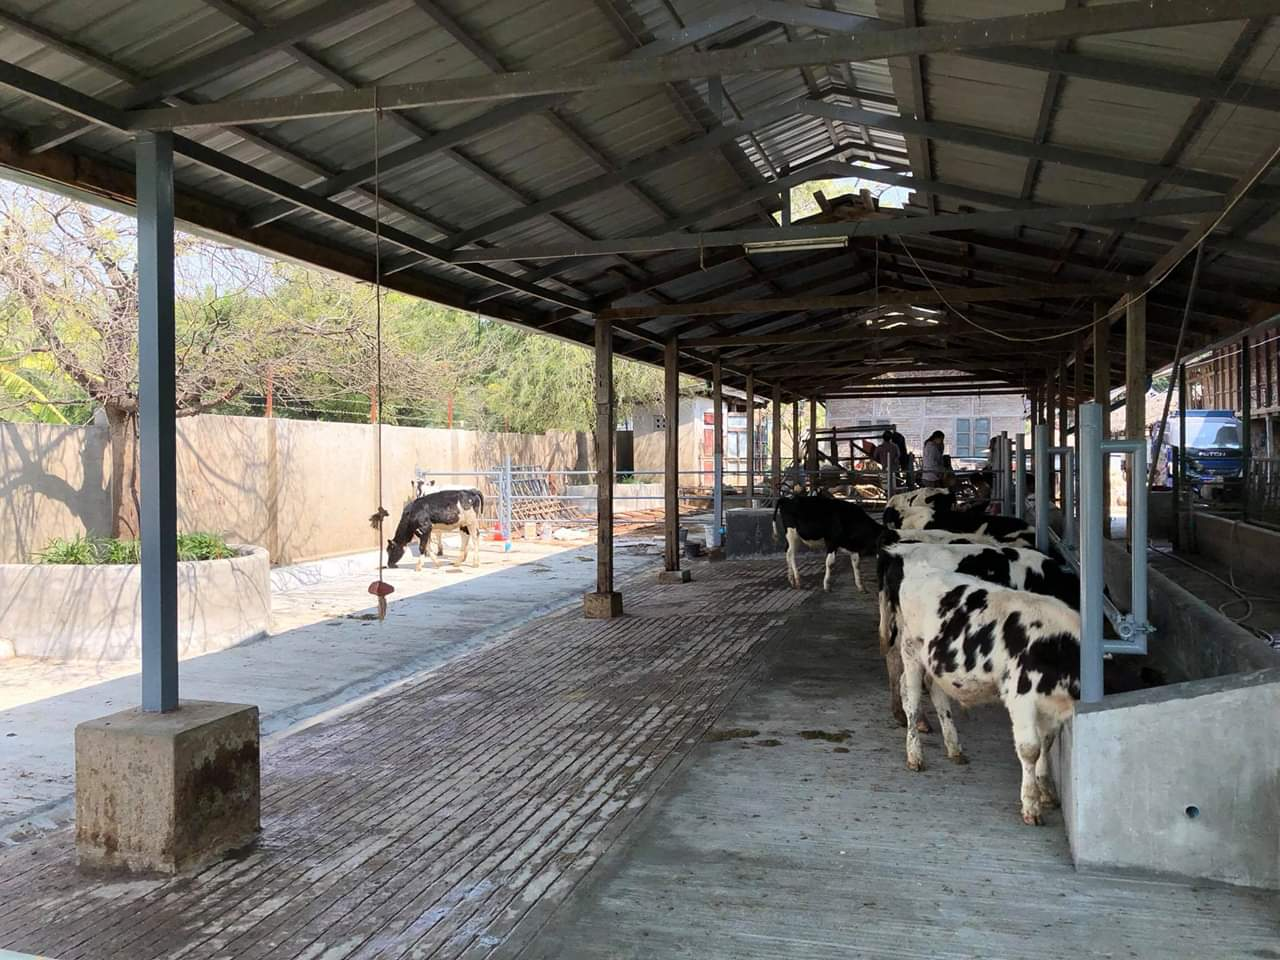 တရုတ်နိုင်ငံကုန်သို့ ကျွဲ၊ နွား အပတ်စဉ်ကုန်သွယ်မှု ပြန်လည်စတင်